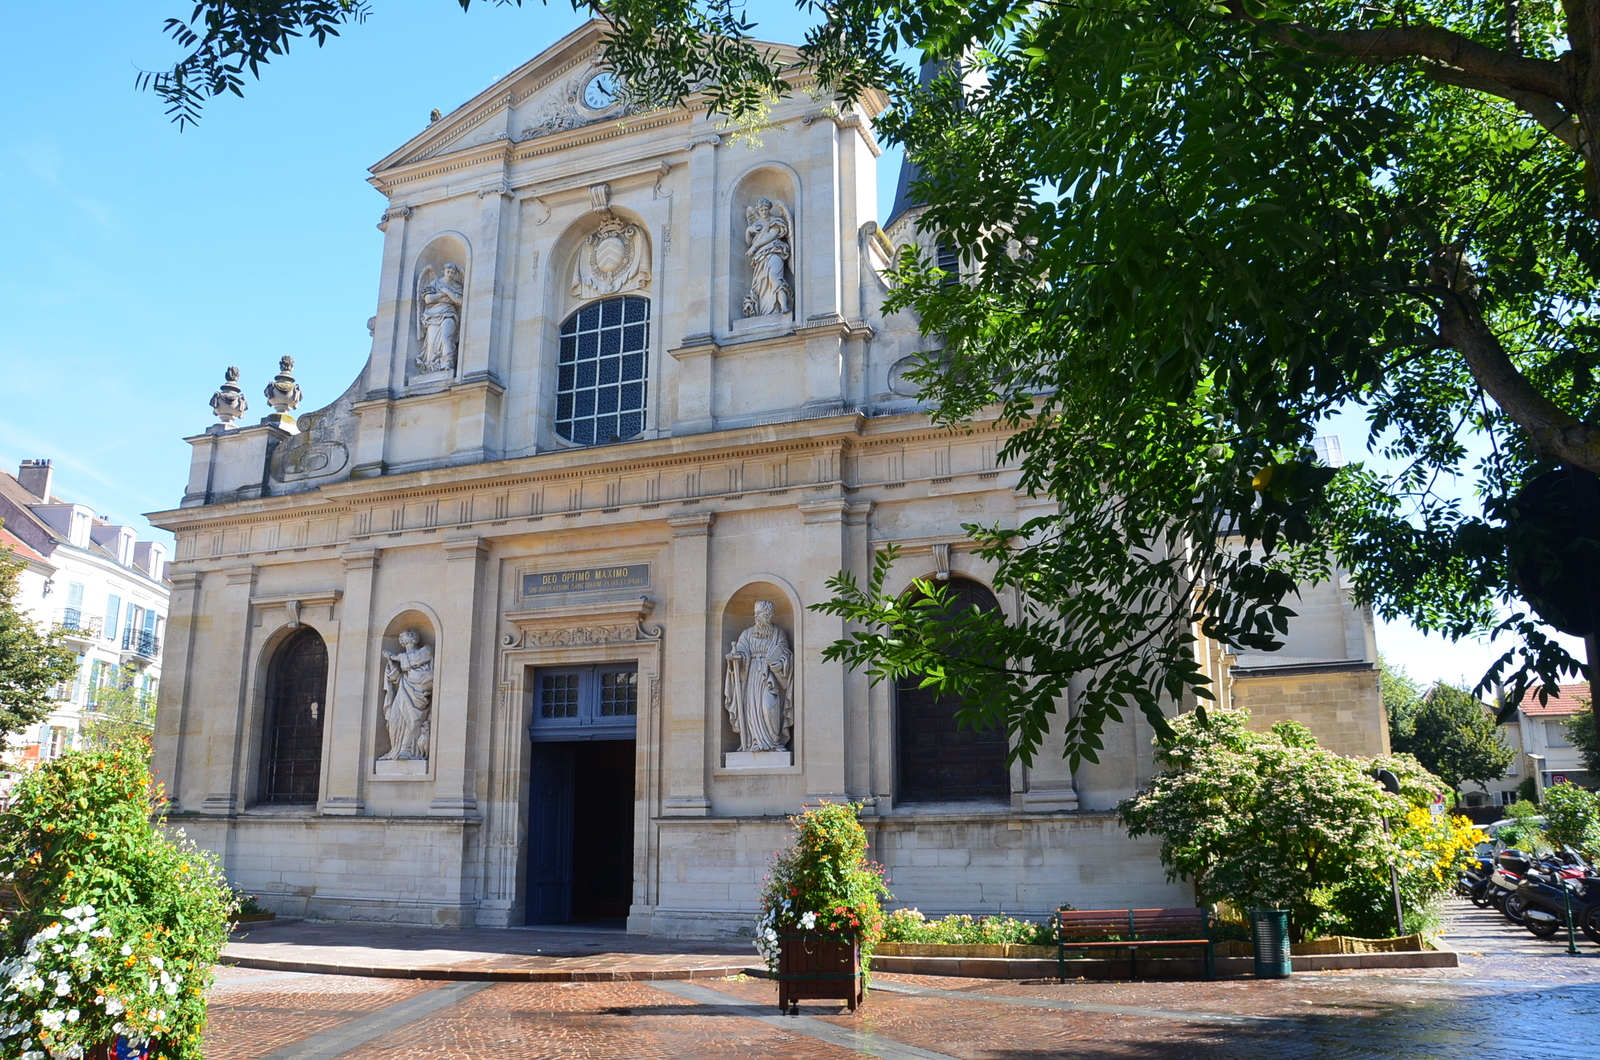 Façade de l'Eglise Saint-Pierre Saint-Paul de Rueil-Malmaison%252C 2012. Office de Tourisme de Rueil-Malmaison